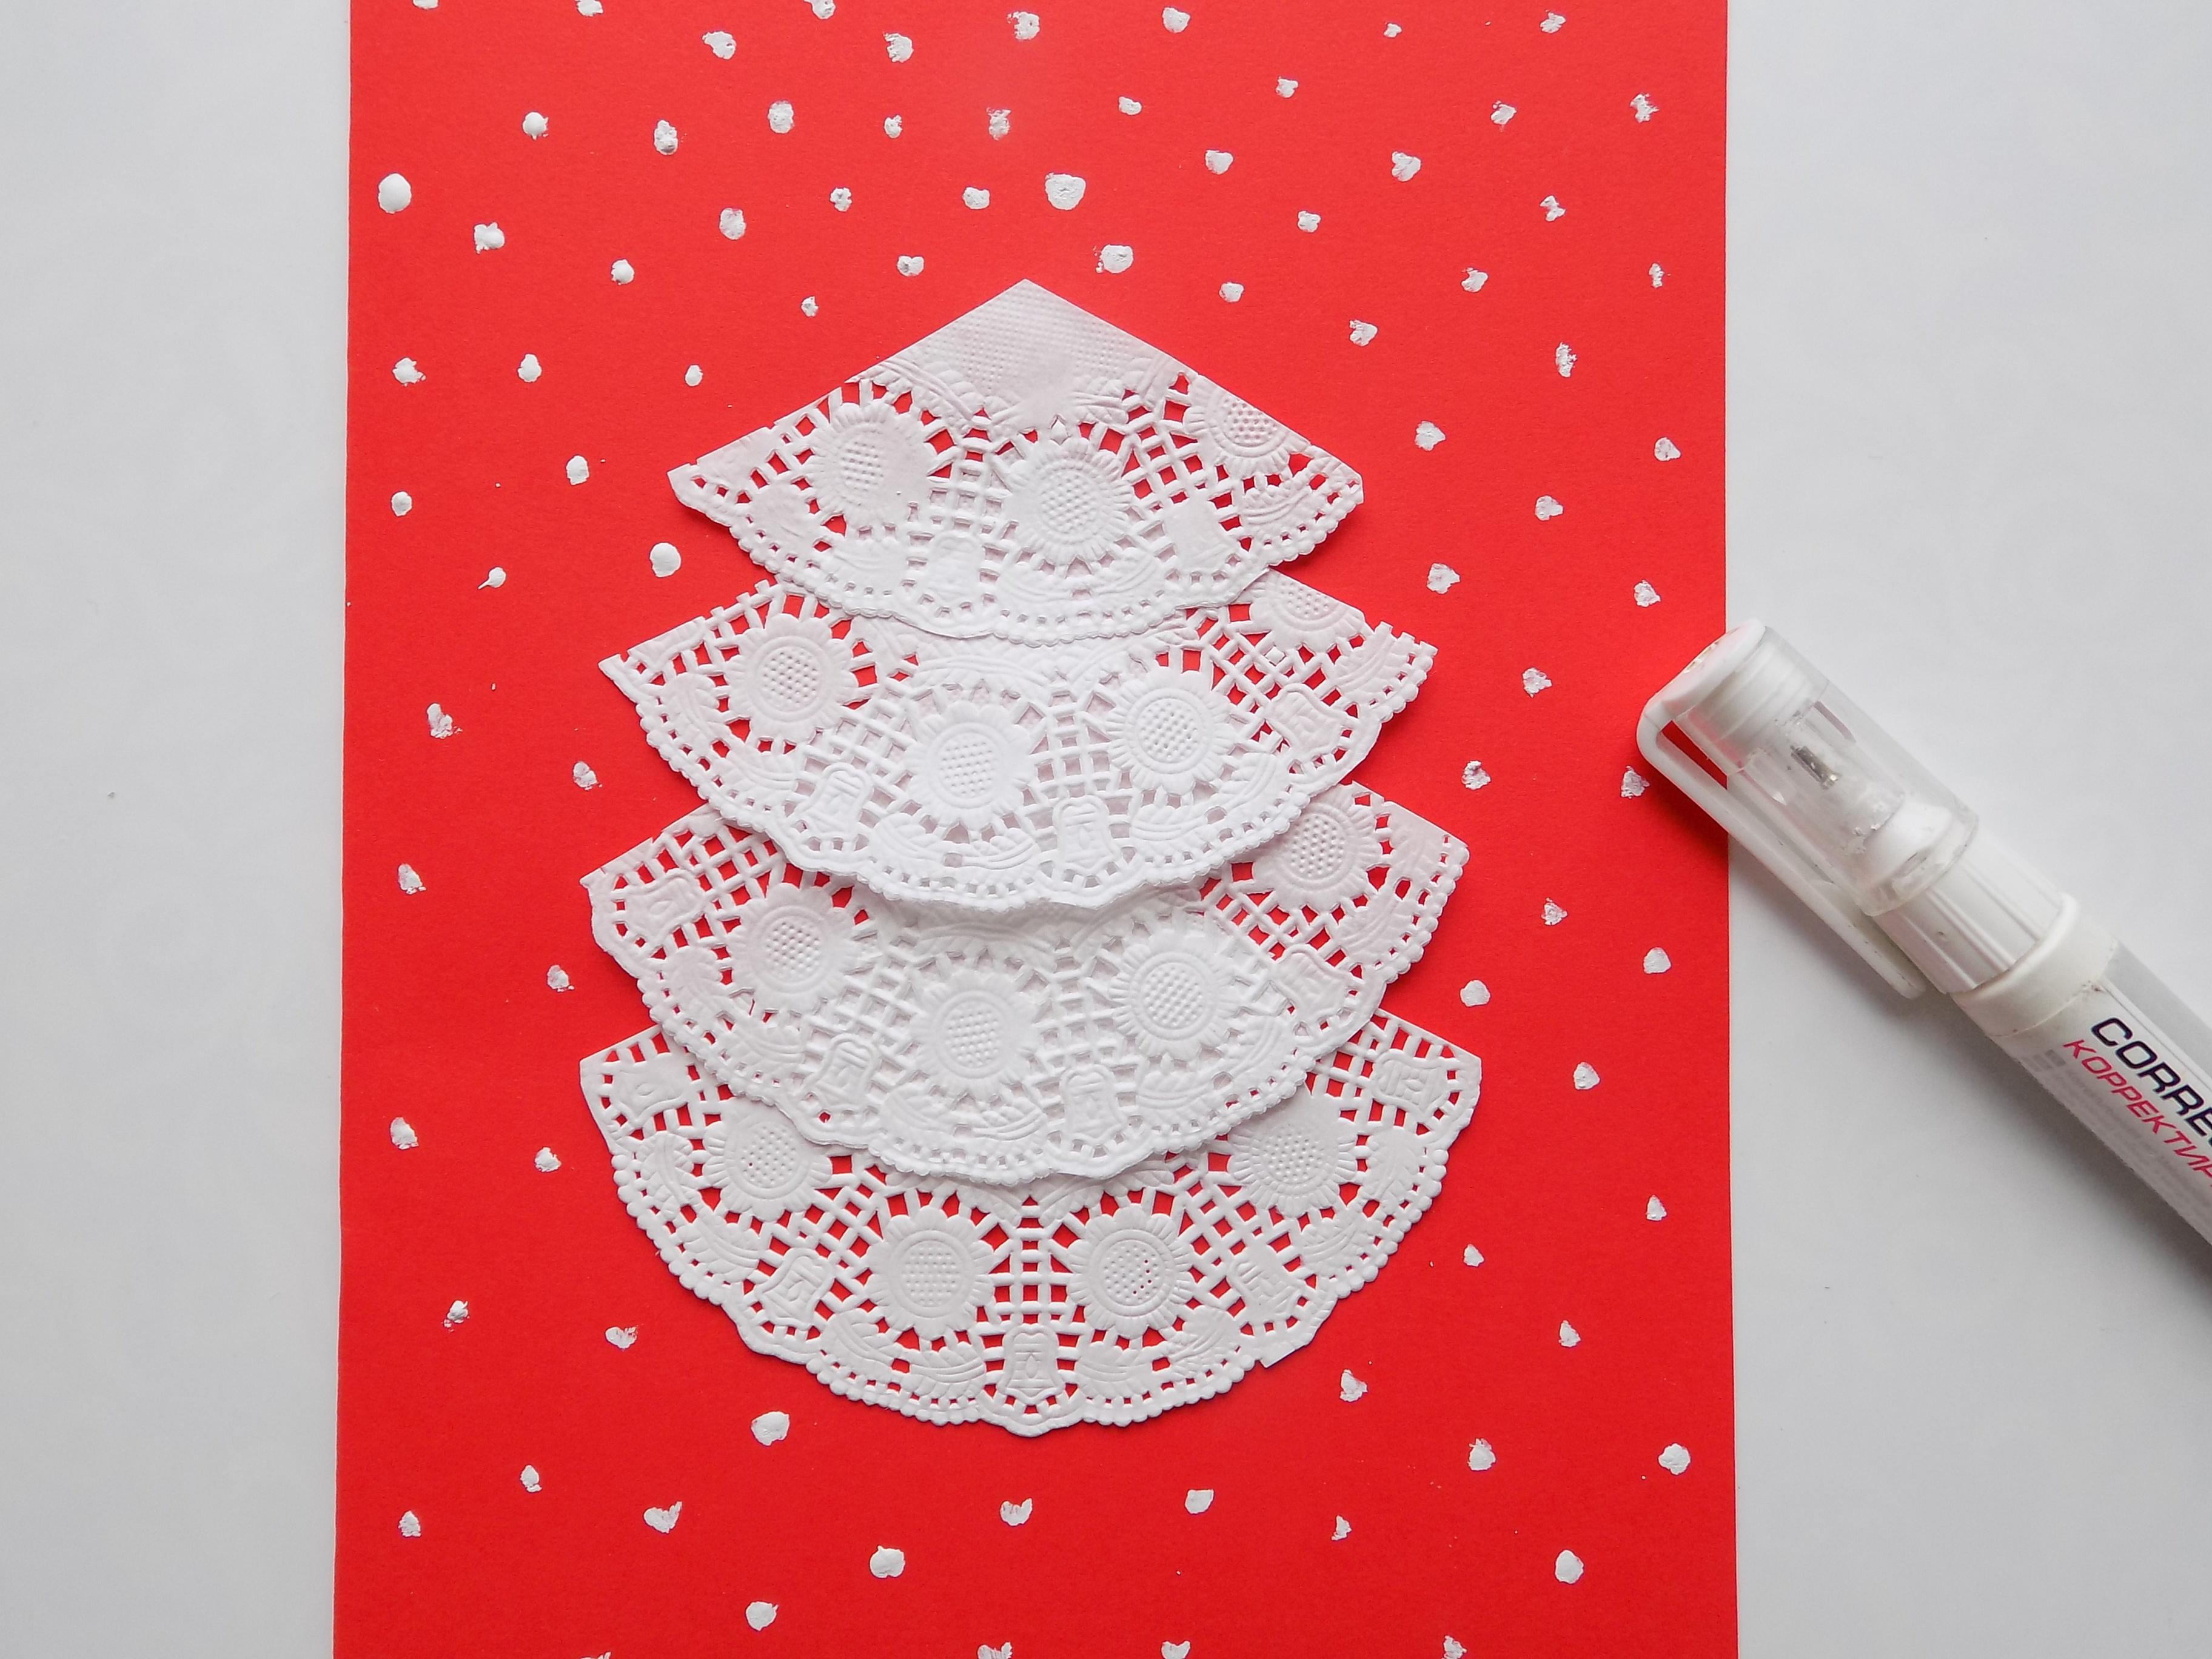 Как сделать открытку с елочкой из ажурных салфеток?